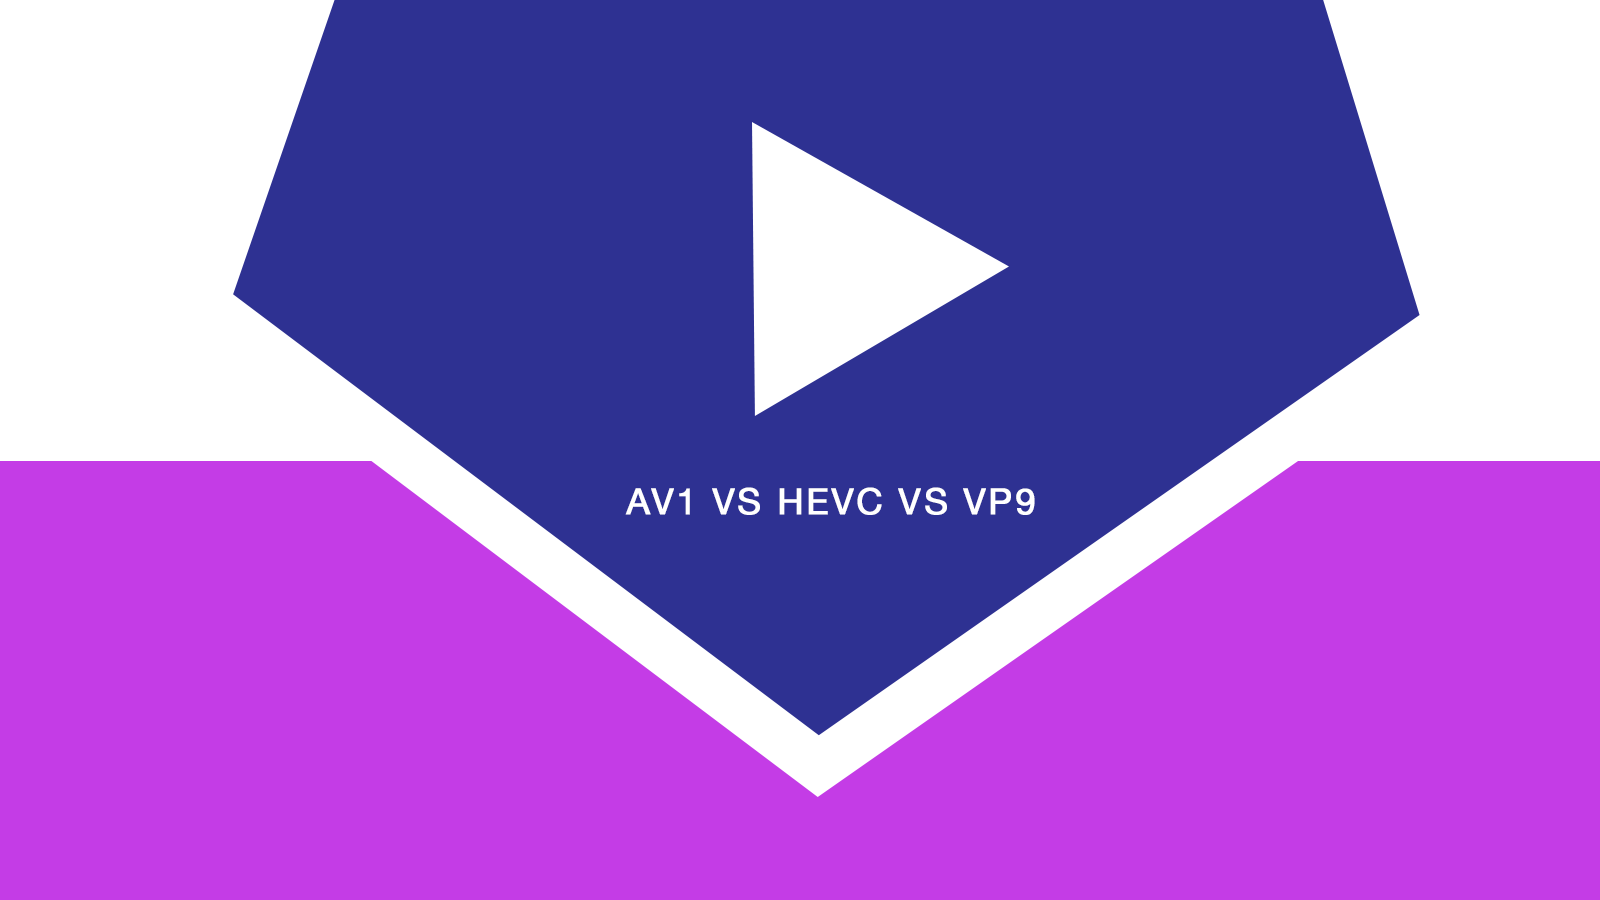 AV1 VS HEVC VS VP9 - 知乎